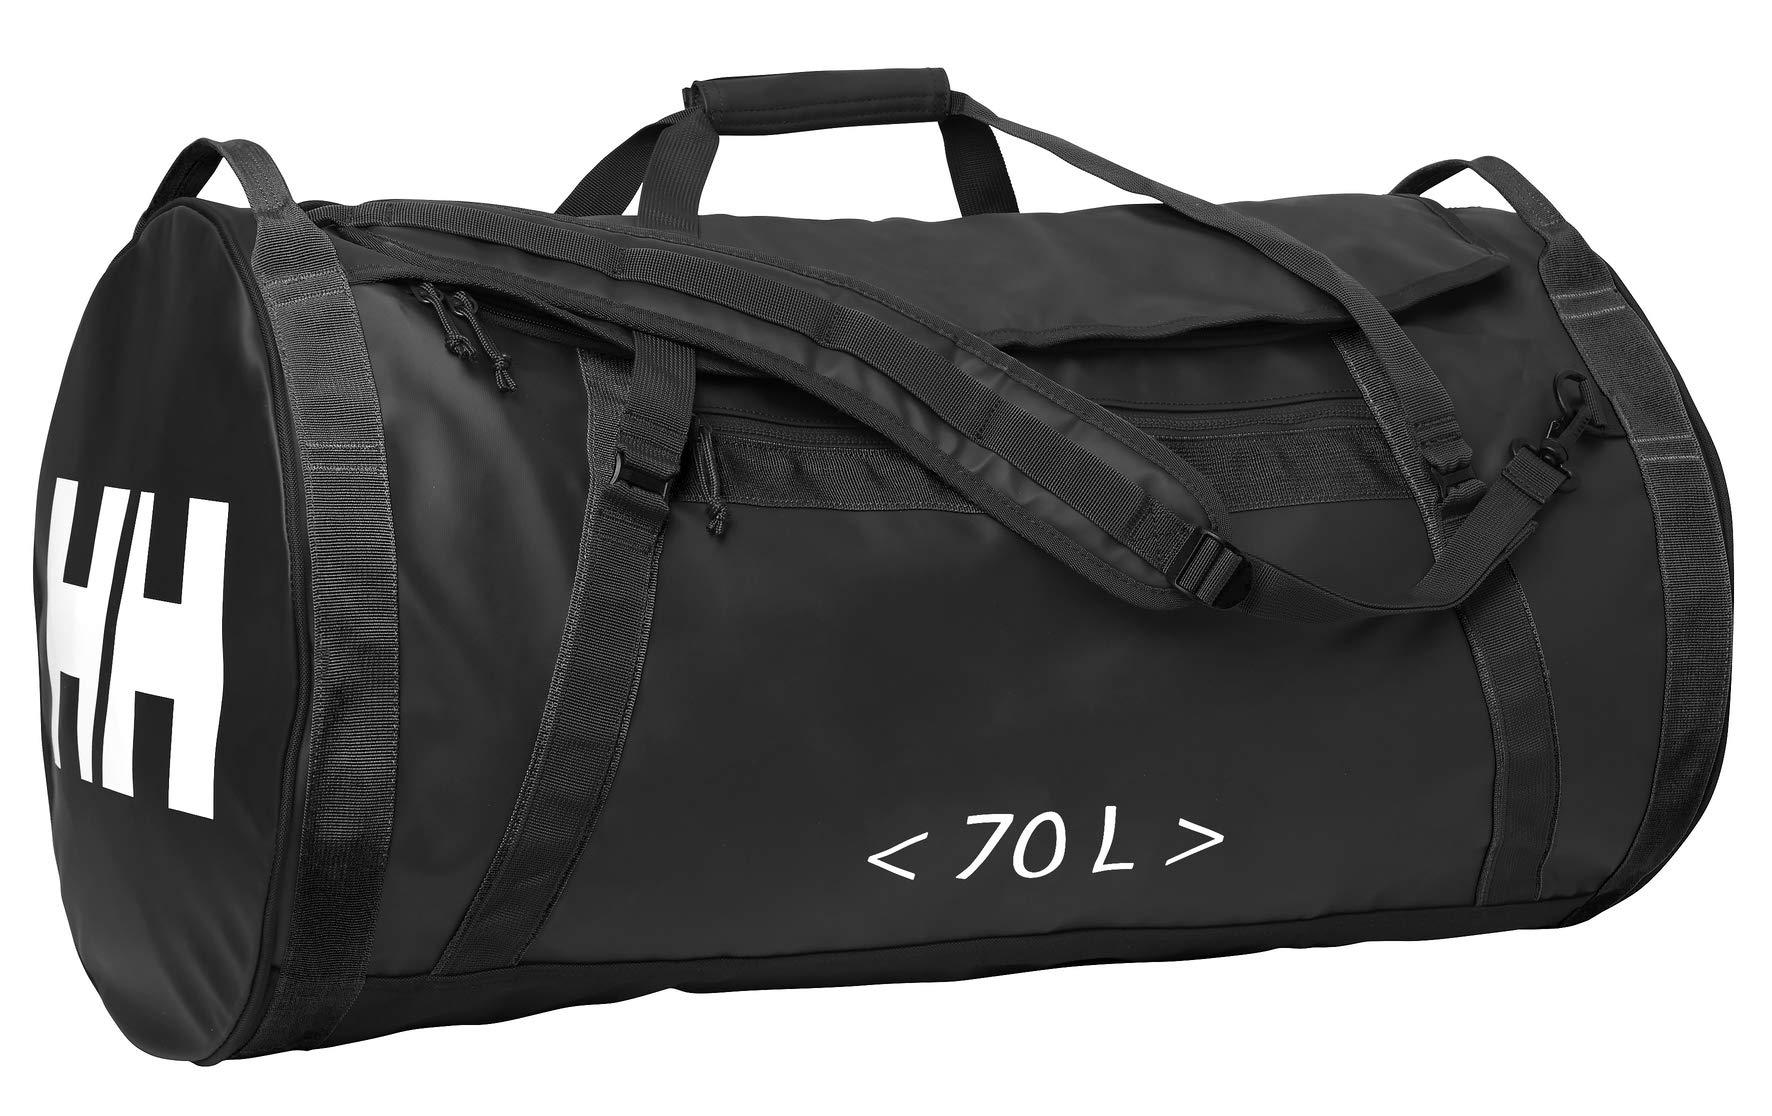 Helly Hansen DUFFEL BAG 2 – Sporttasche mit 70L Fassungsvermögen – Besonder